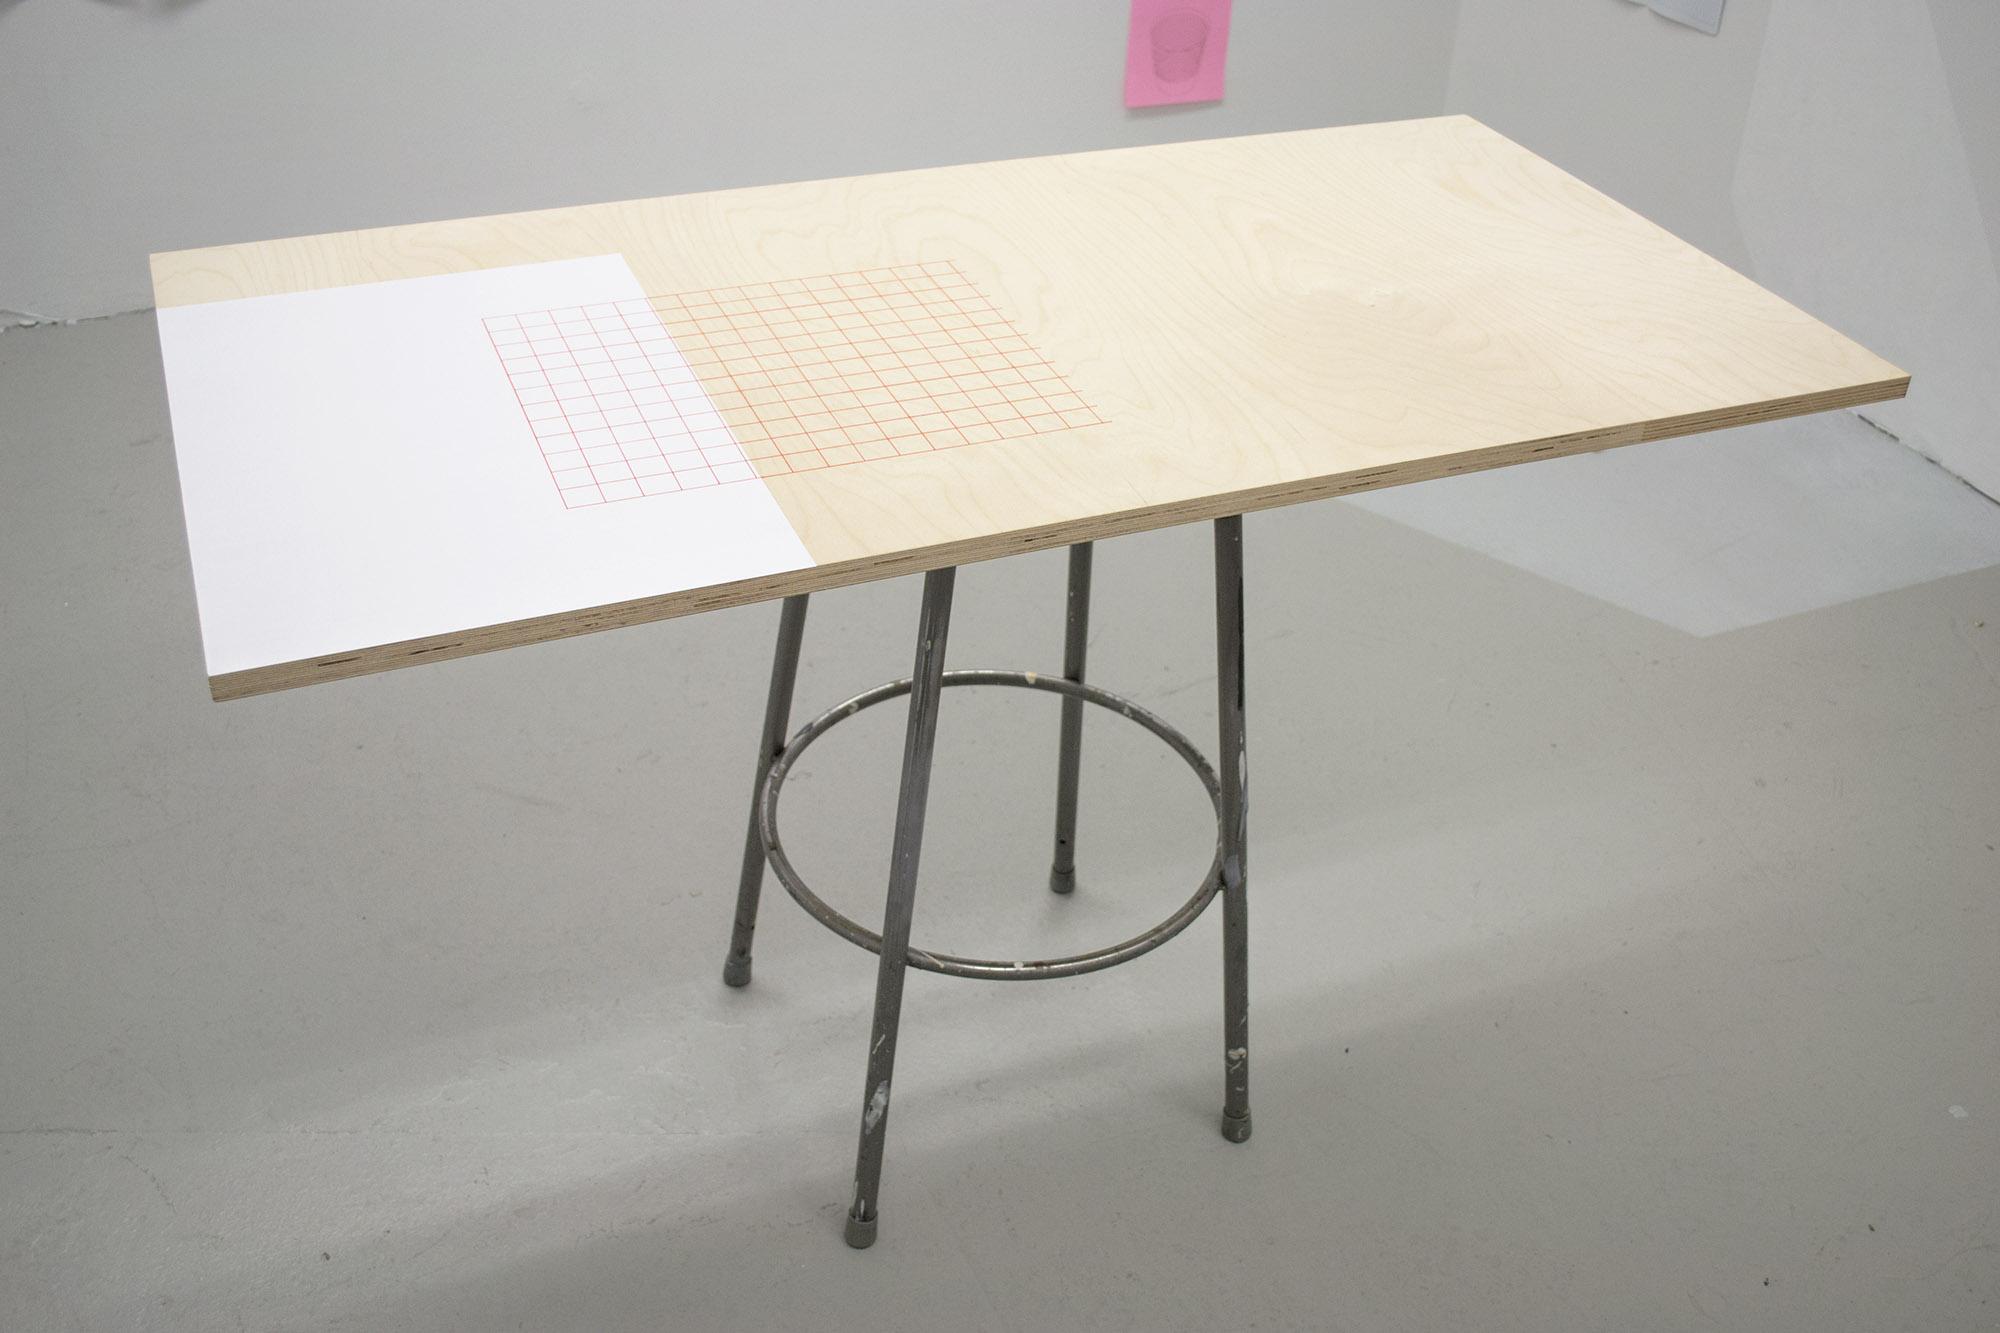 21_table1A.jpg